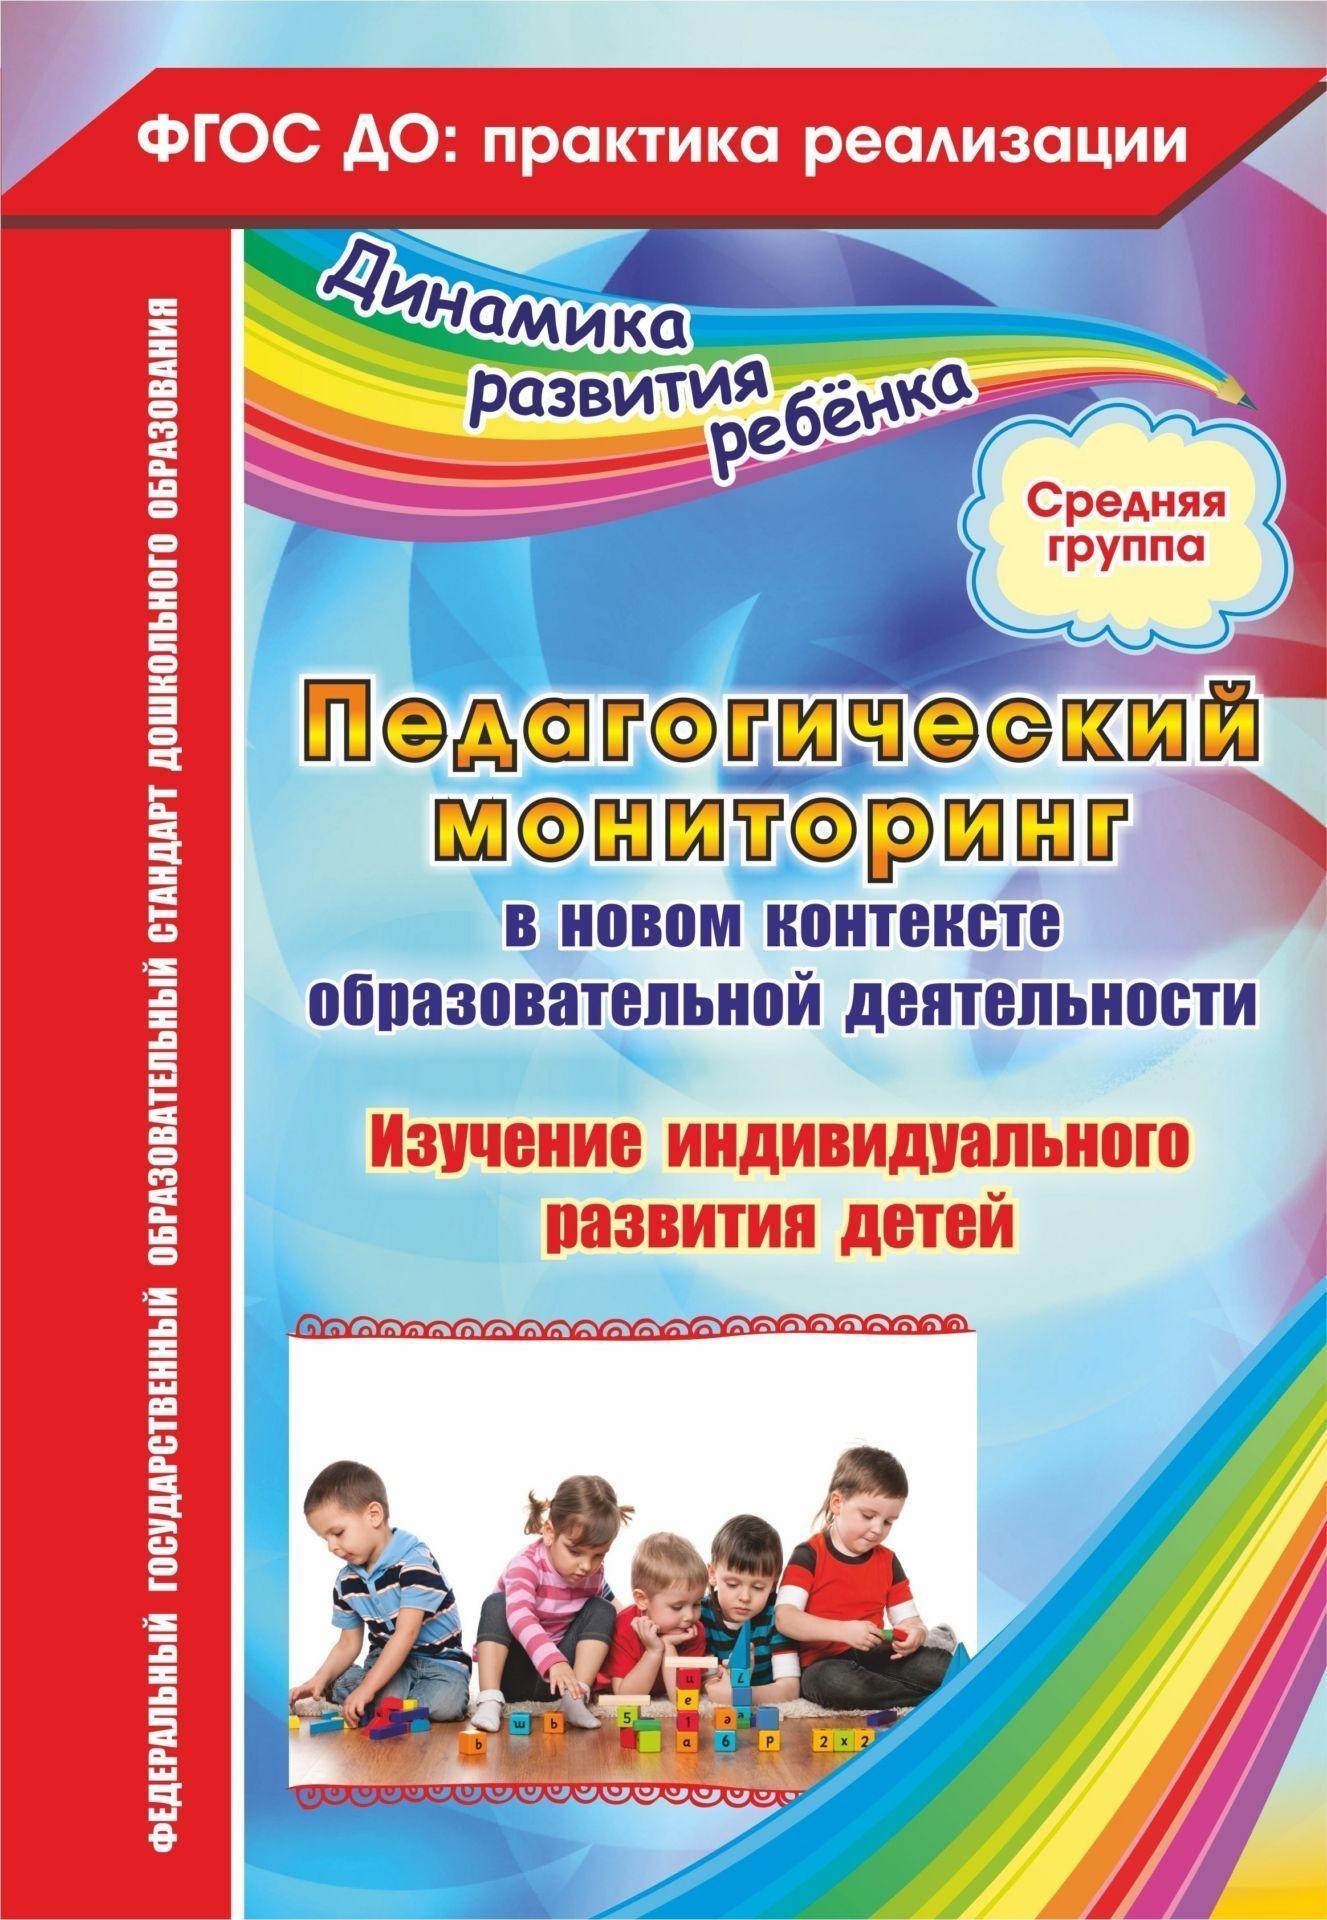 Педагогический мониторинг в новом контексте образовательной деятельности. Изучение индивидуального развития детей. Средняя группа. Программа для установки через Интернет